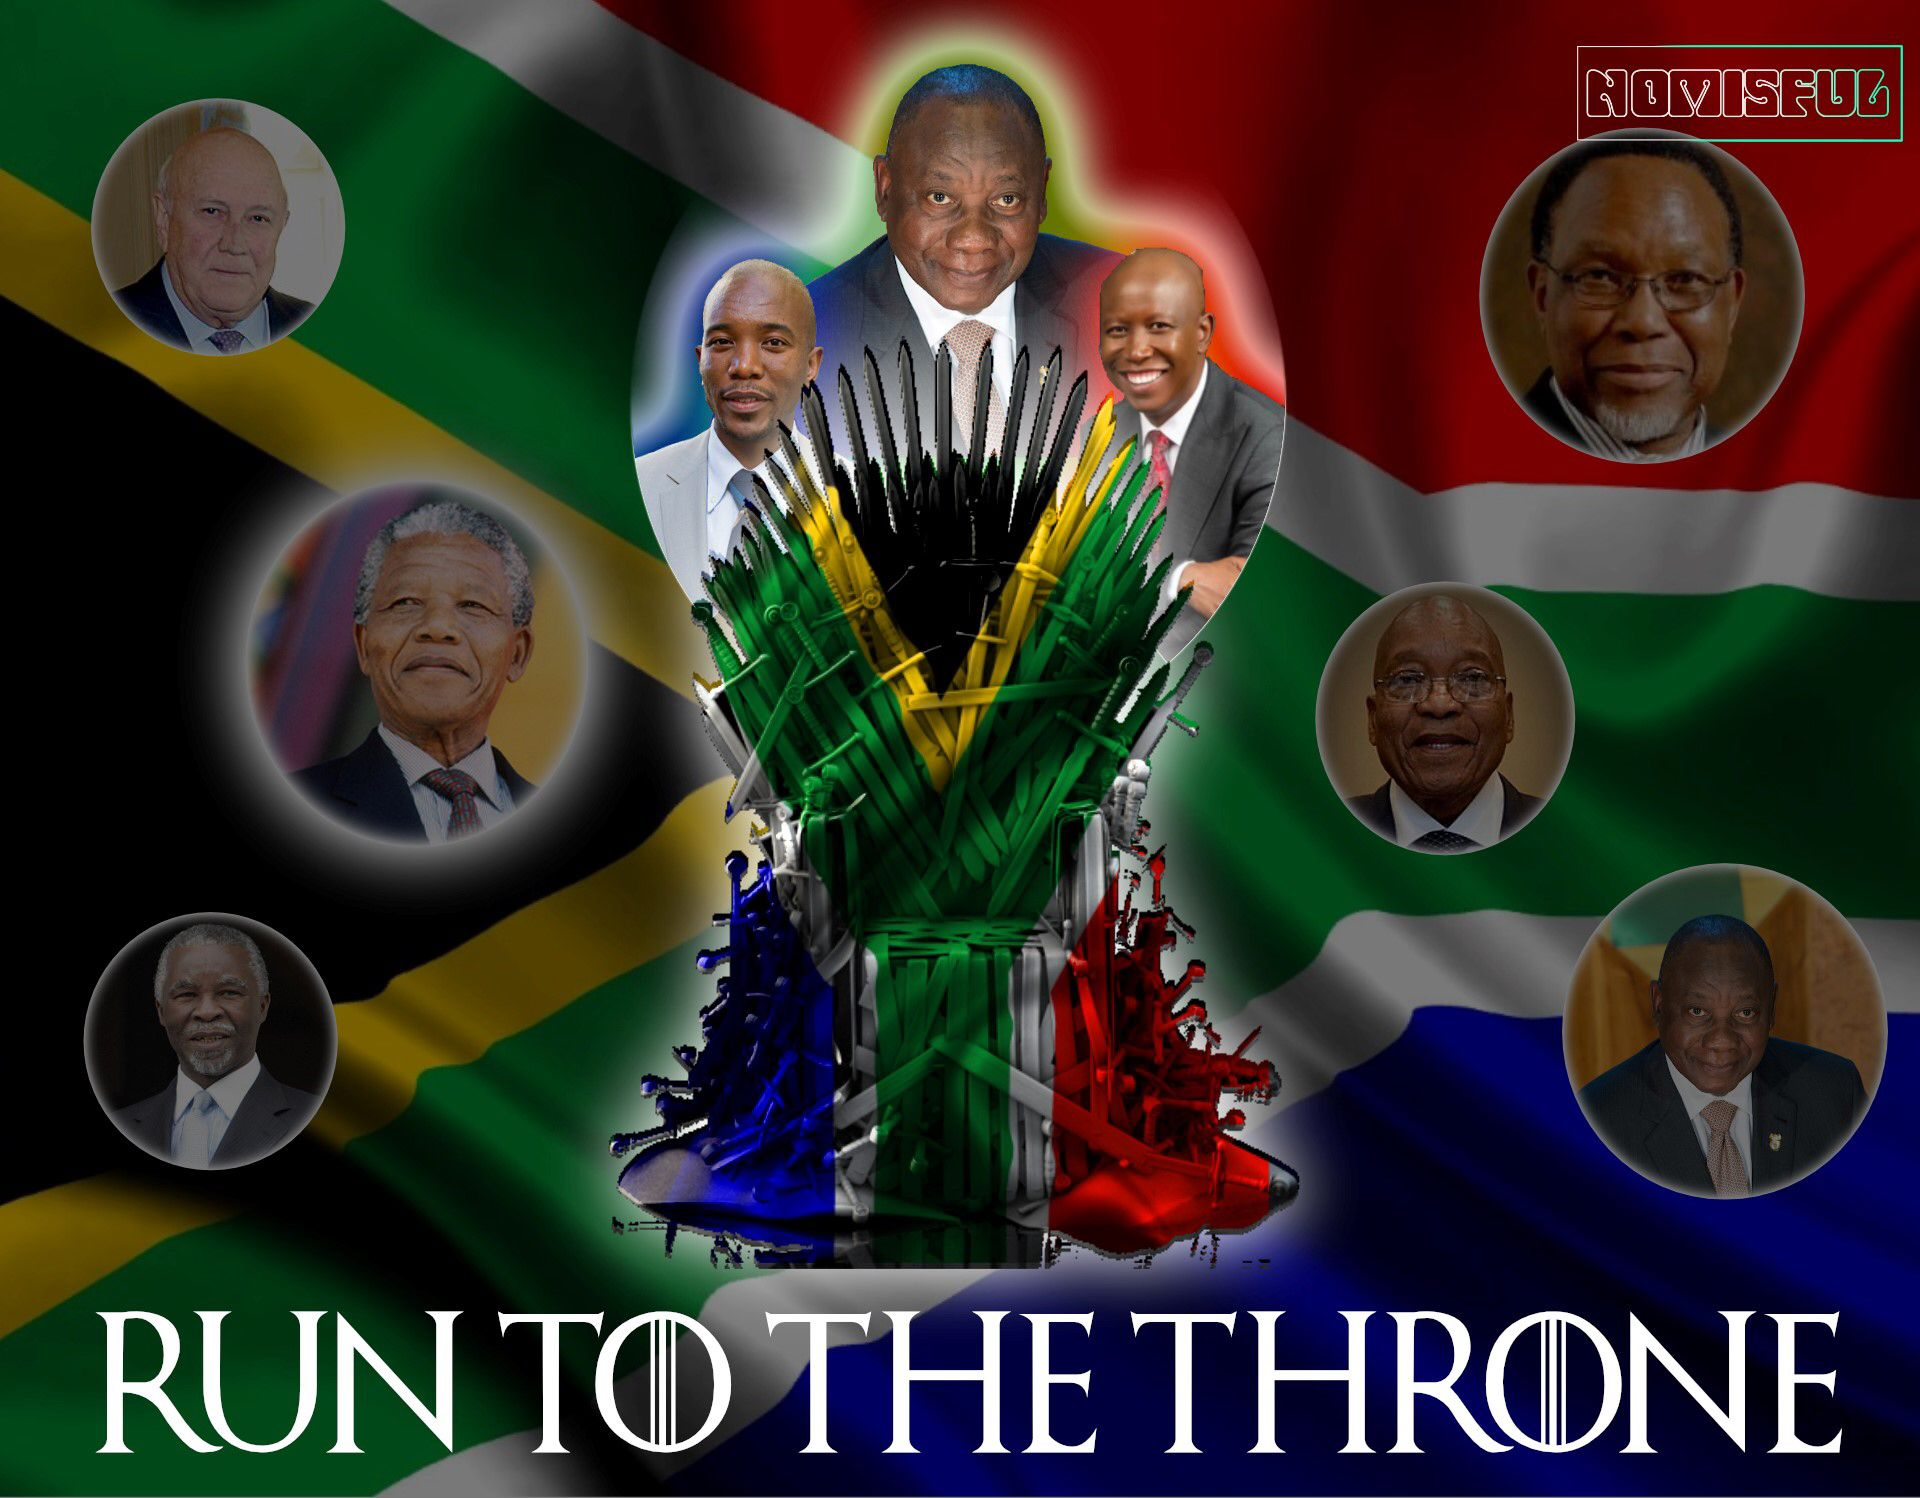 8 May 2019  #generalelection #ChrisHeunis #FWdeKlerk #NelsonMandela #got #ANC #ThaboMbeki #KgalemaMotlanthe #ramaphosa #JacobZuma #CyrilRamaphosa #xseday #xse #southAfricanelection  #southafrica #southafricanPresident #gameofthrones #thethrone #thecountry #African #NationalElection #8May #mmusimane #da #juliusmalema #EFF #malema #maimane